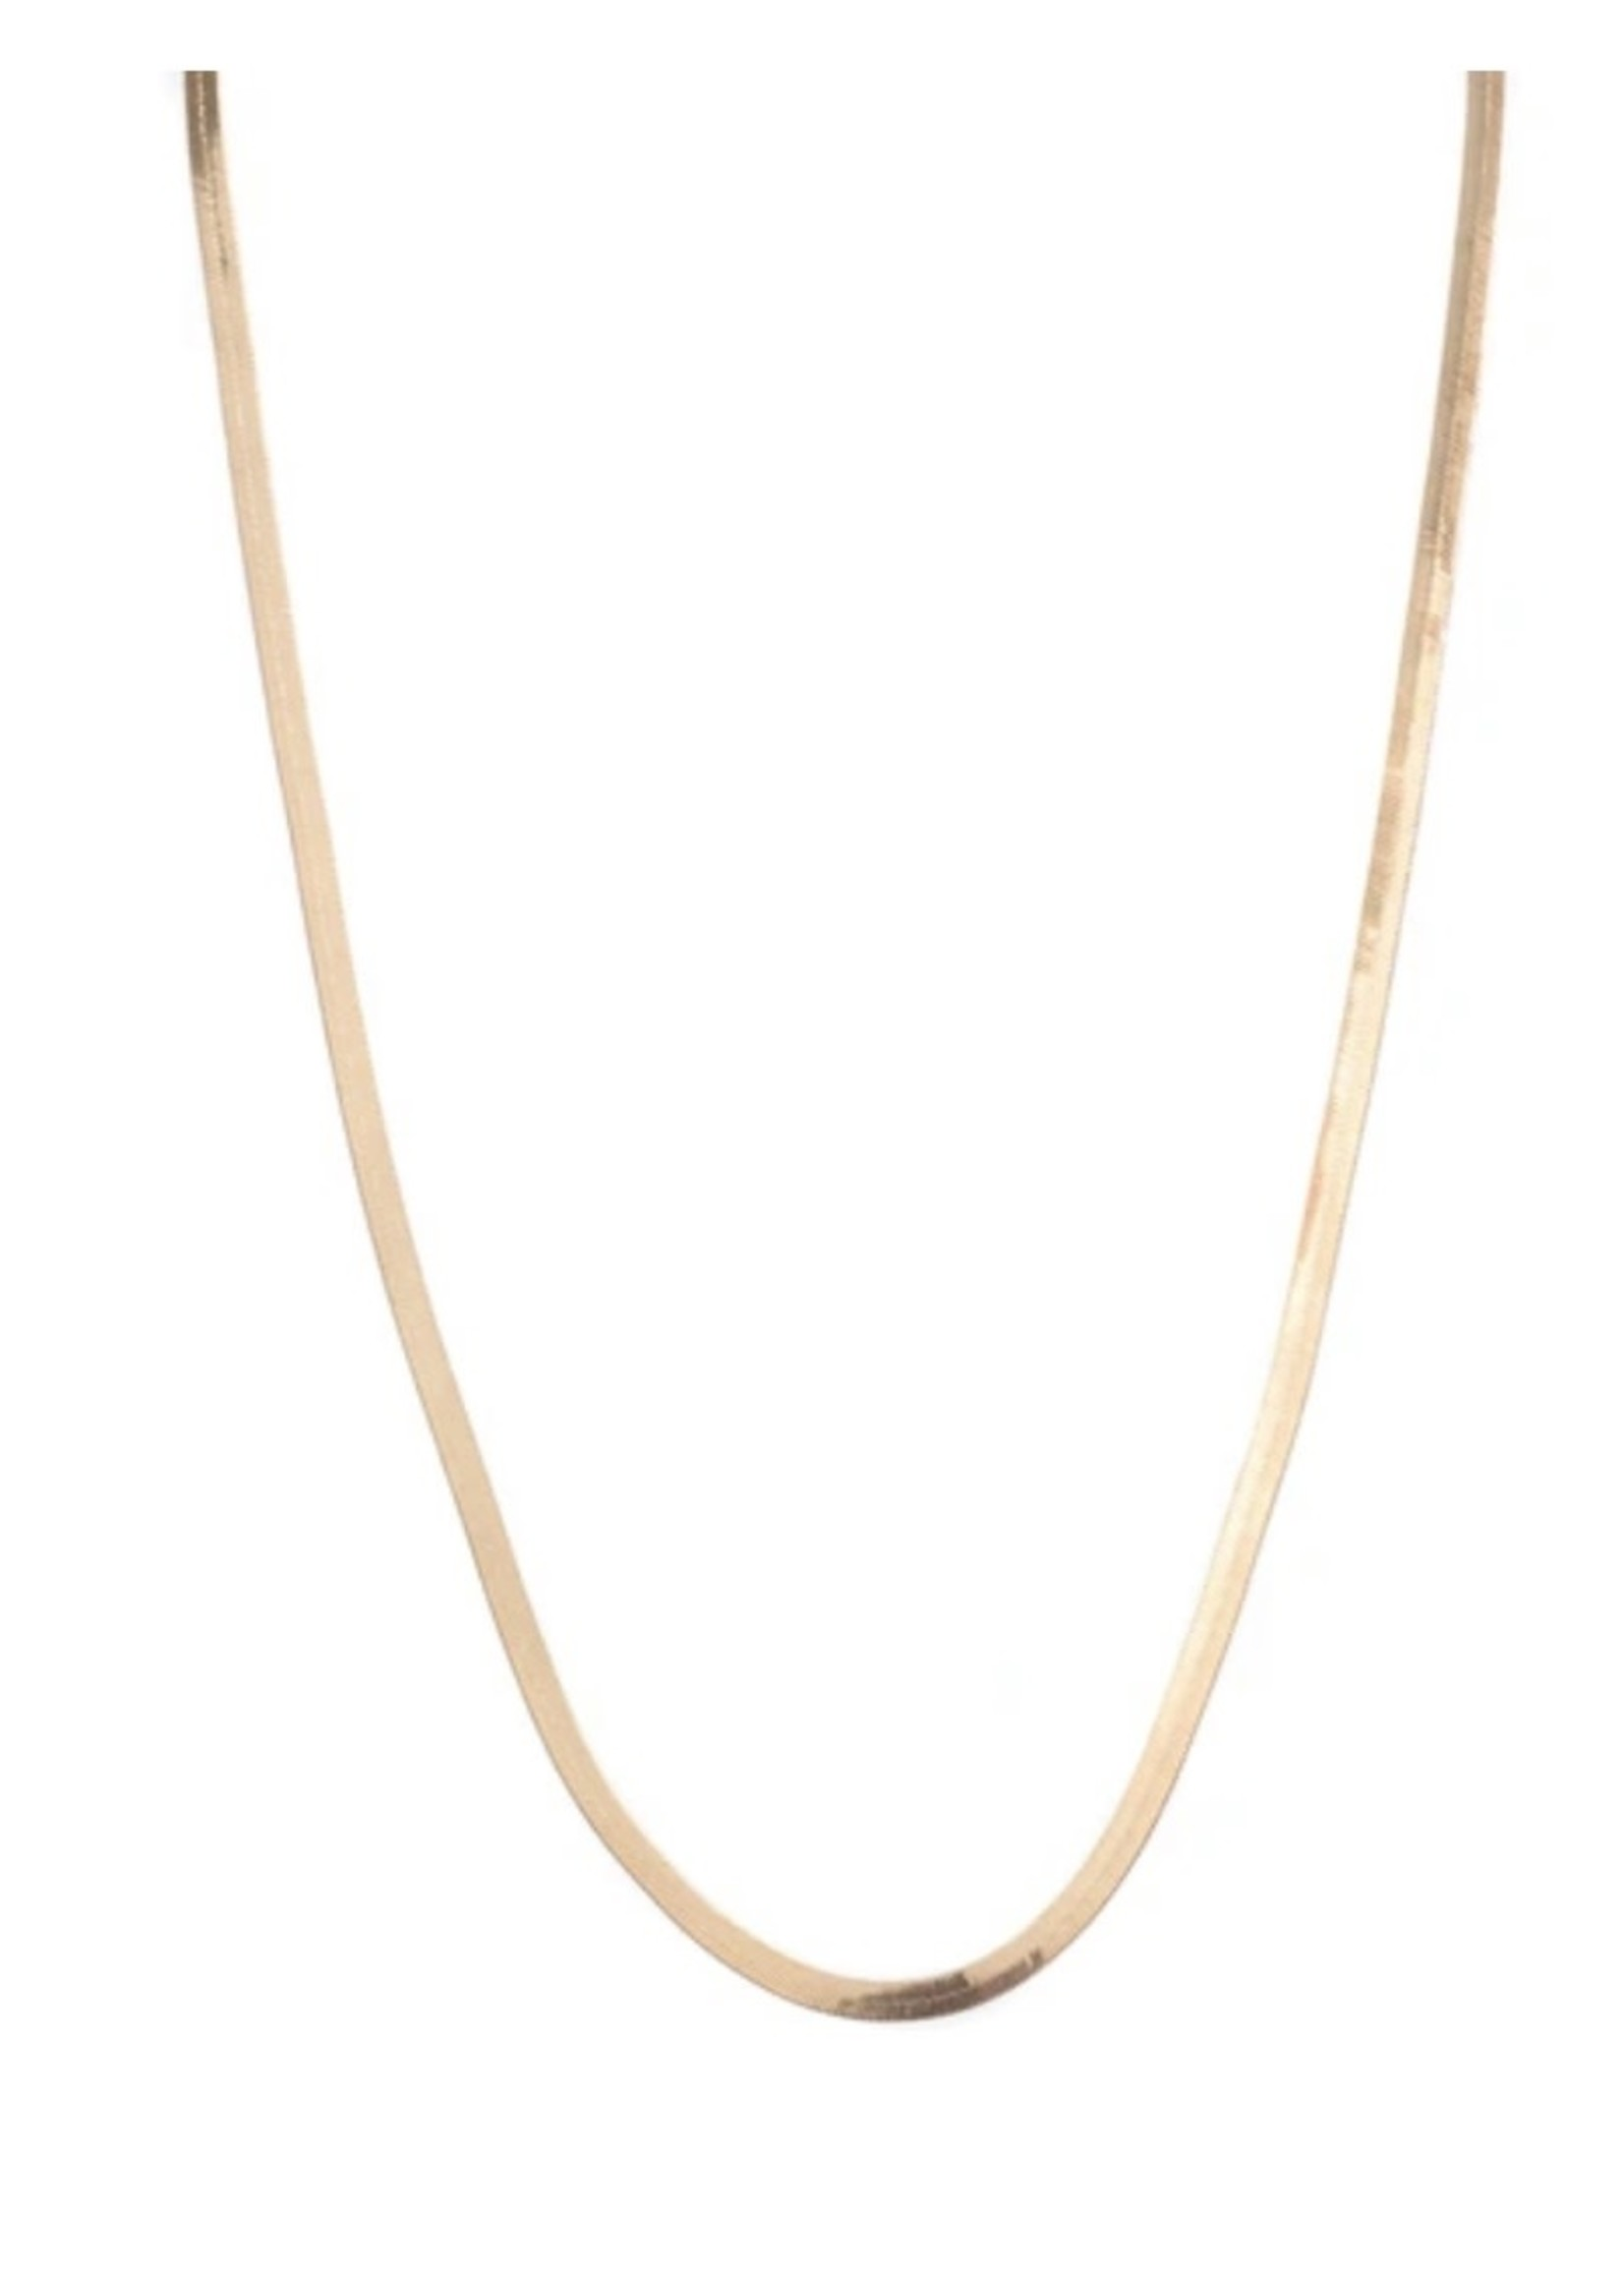 Lisbeth Herringbone Chain, 18K Gold Filled